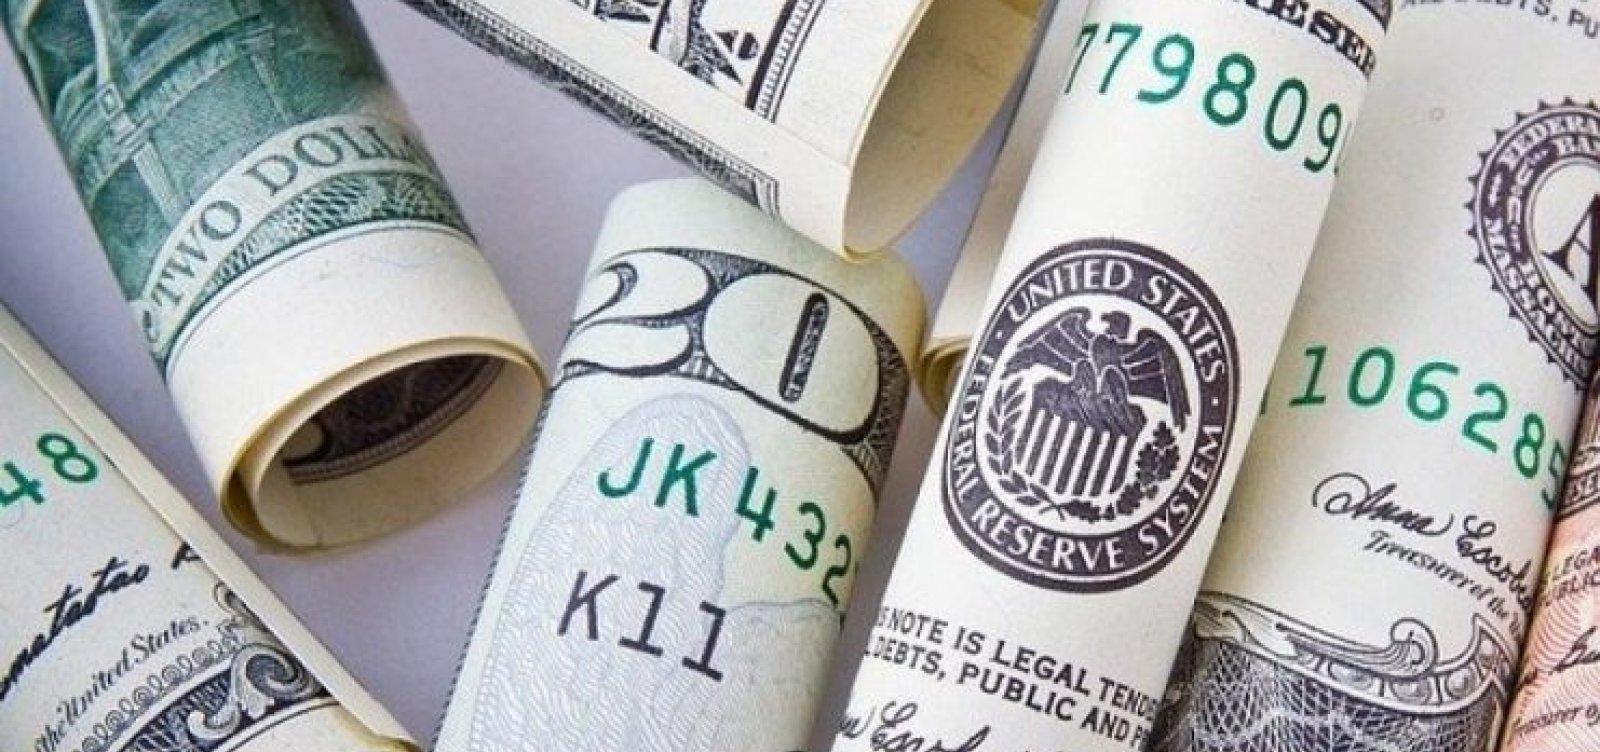 [Dólar vira no fim do pregão e fecha em alta de 0,26% ]